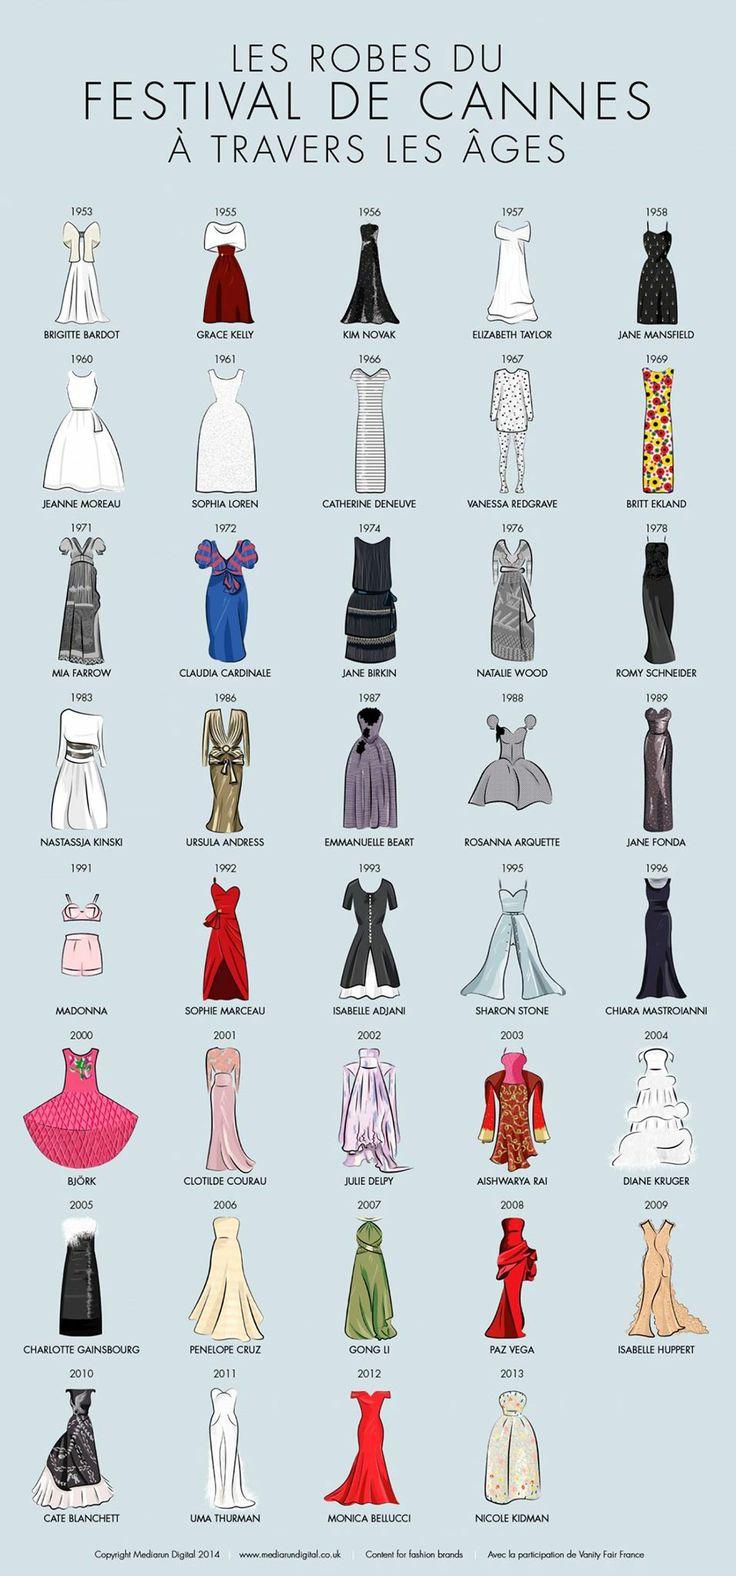 Epicurisme, 7eme Art : retrospective des robes portées par les stars au Festival de Cannes #cannes2014 #cinema